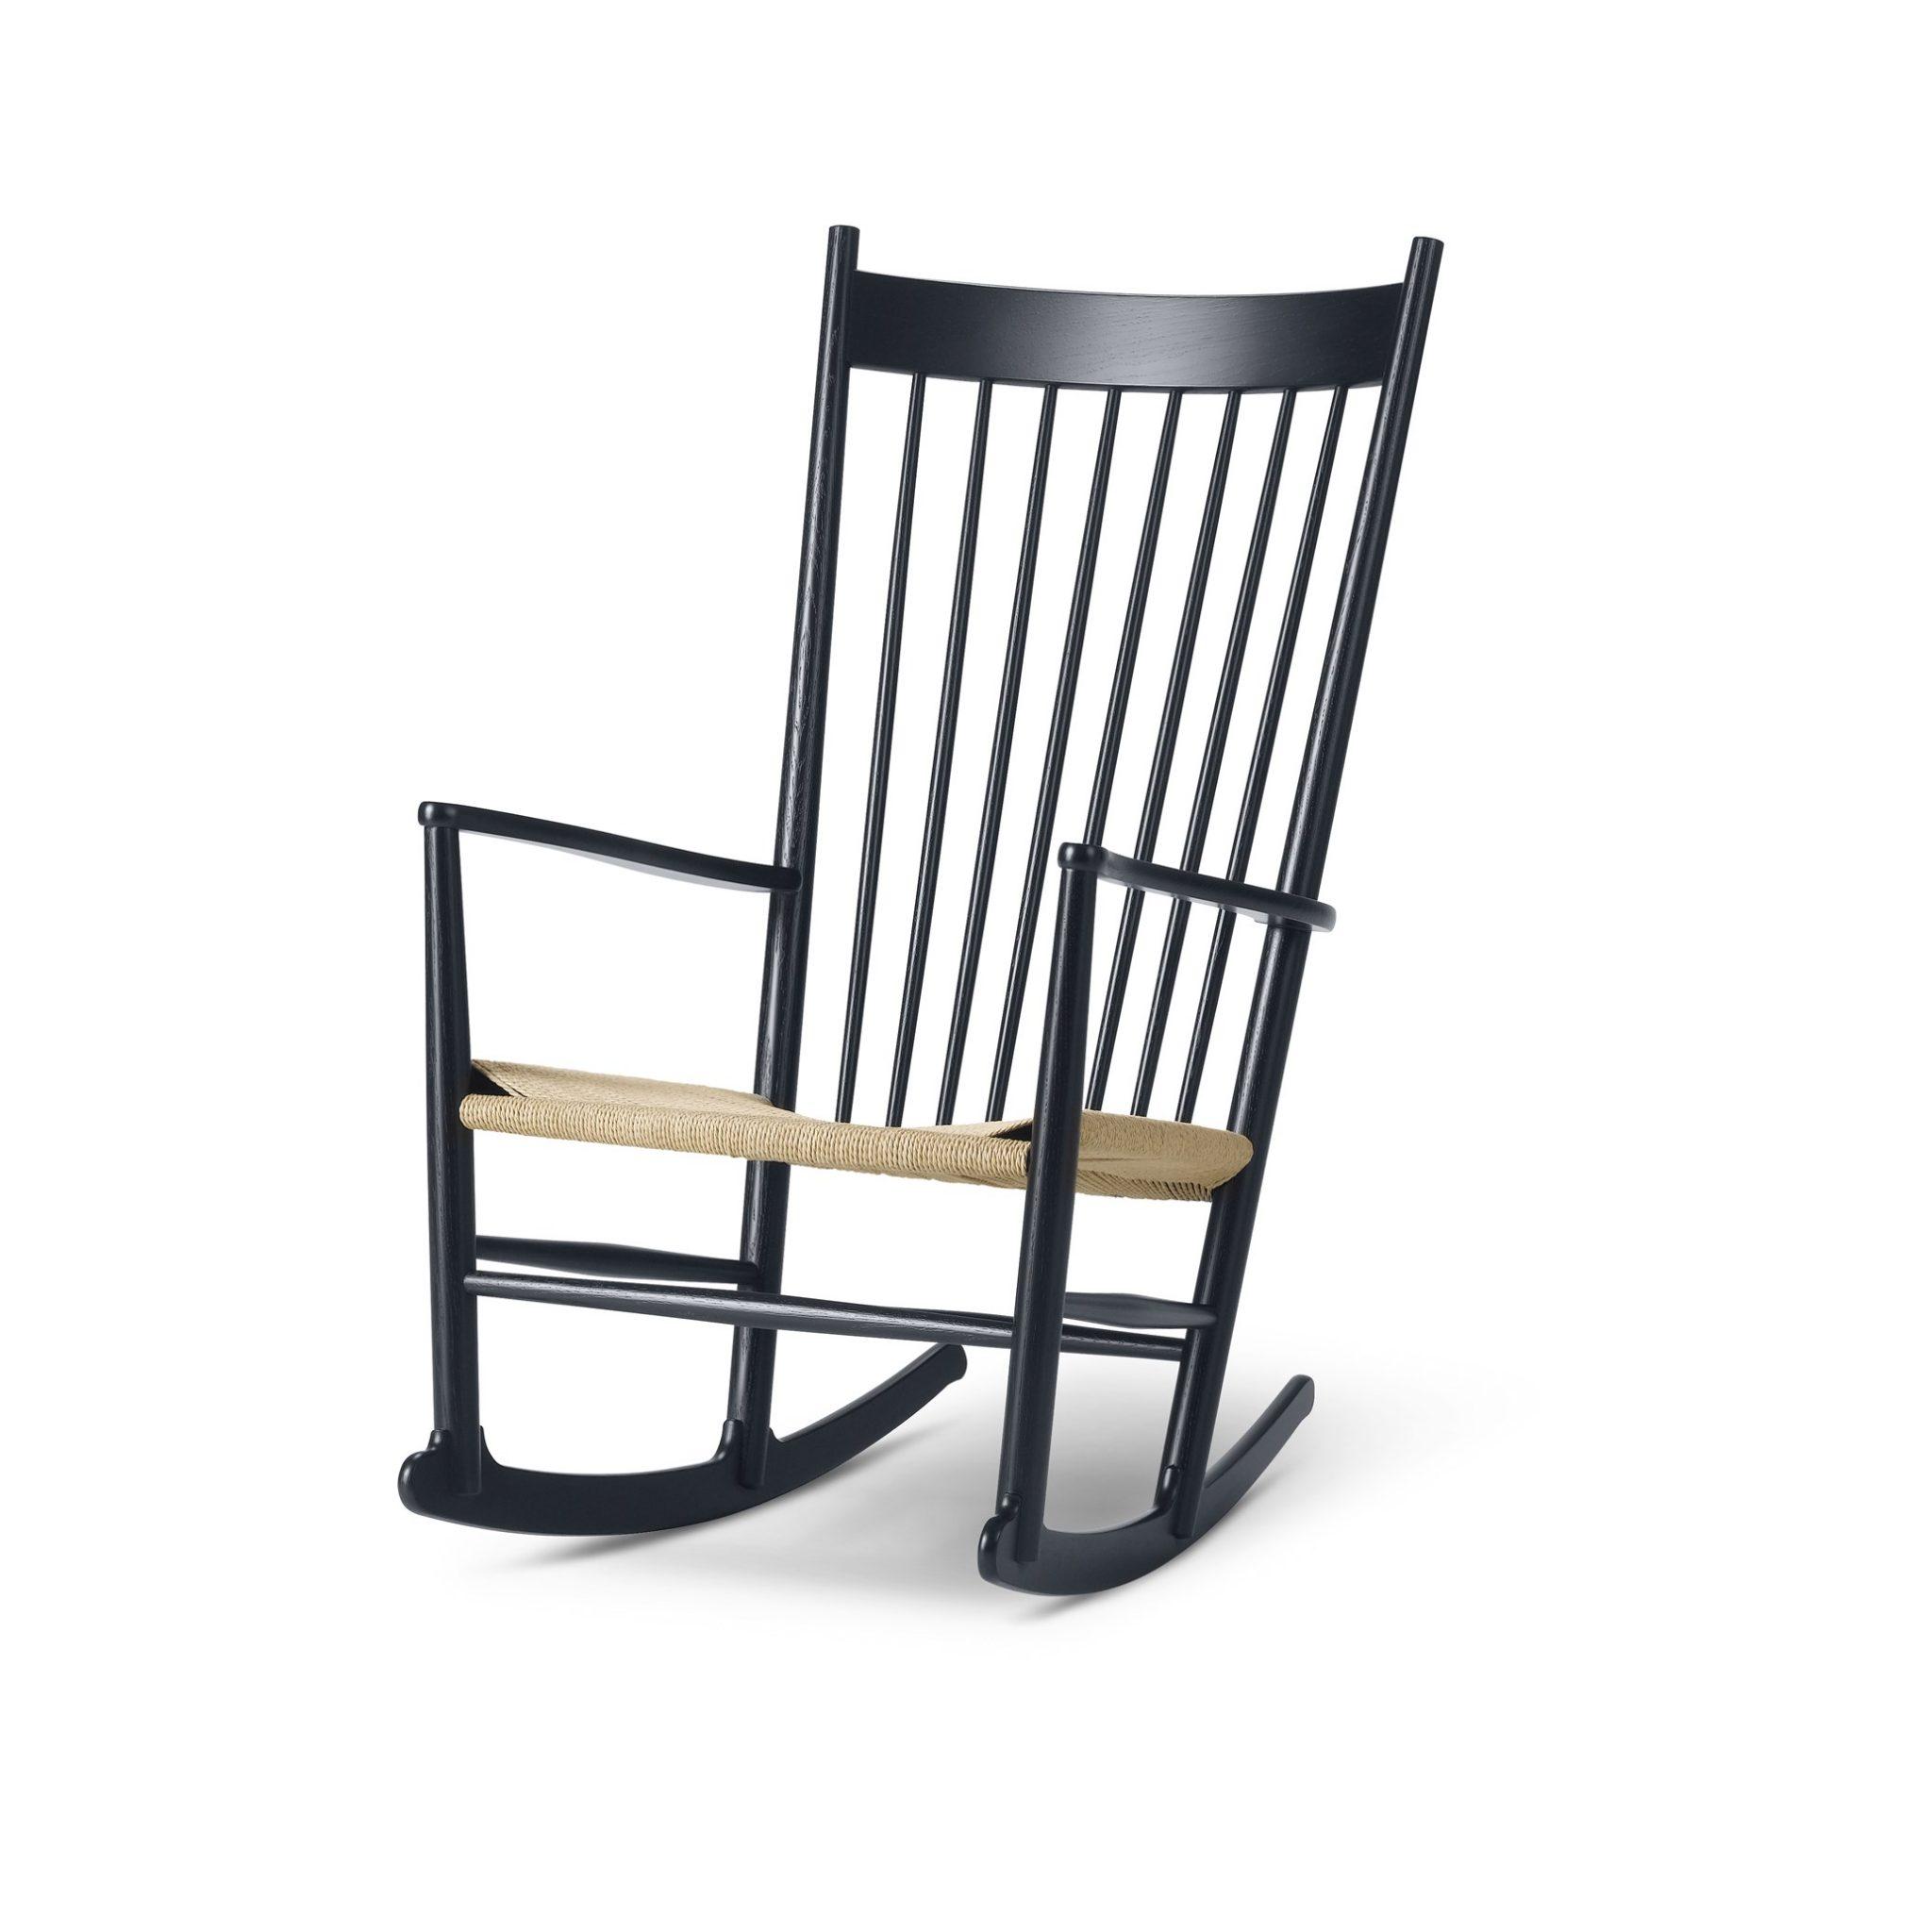 J16 Schommelstoel Design Hans Wegner voor Fredericia - Smukdesign